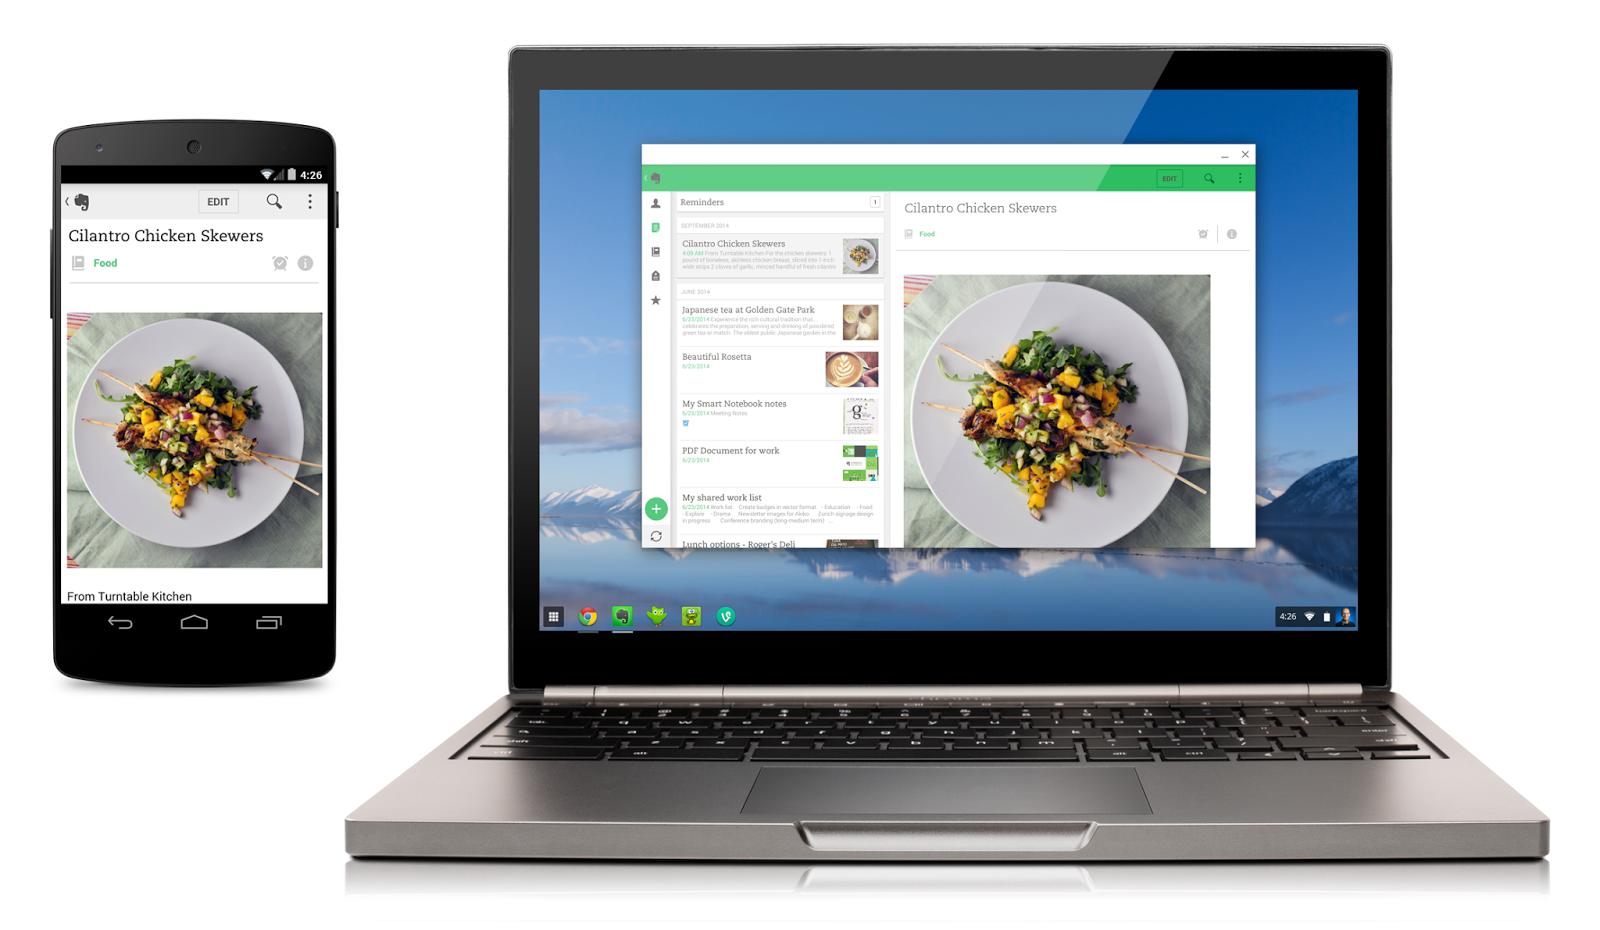 Notícia - Apps Android no seu Google Chrome